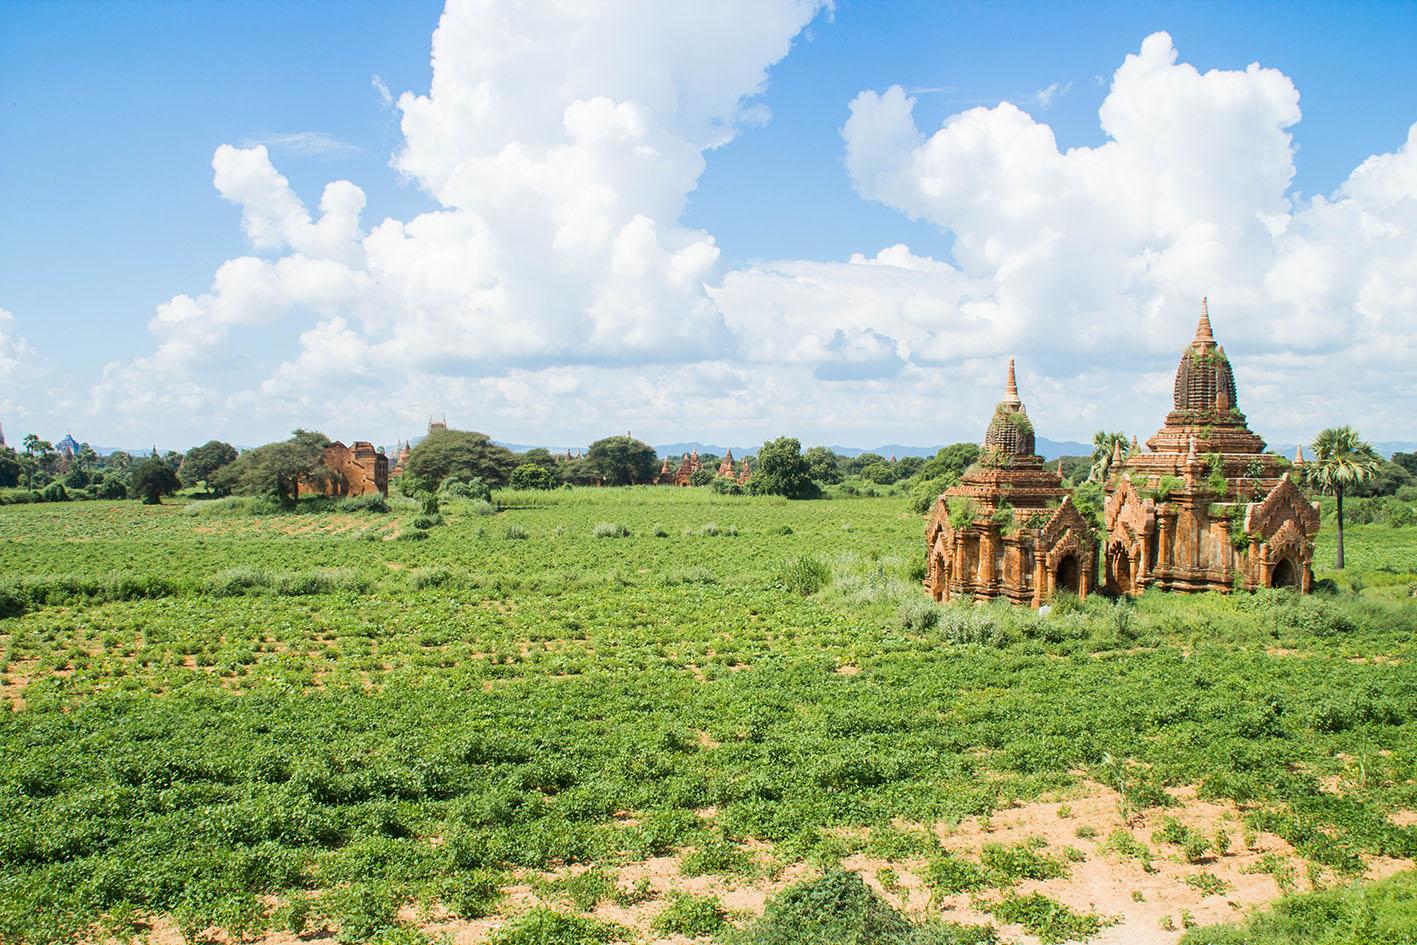 baganpagoda-3